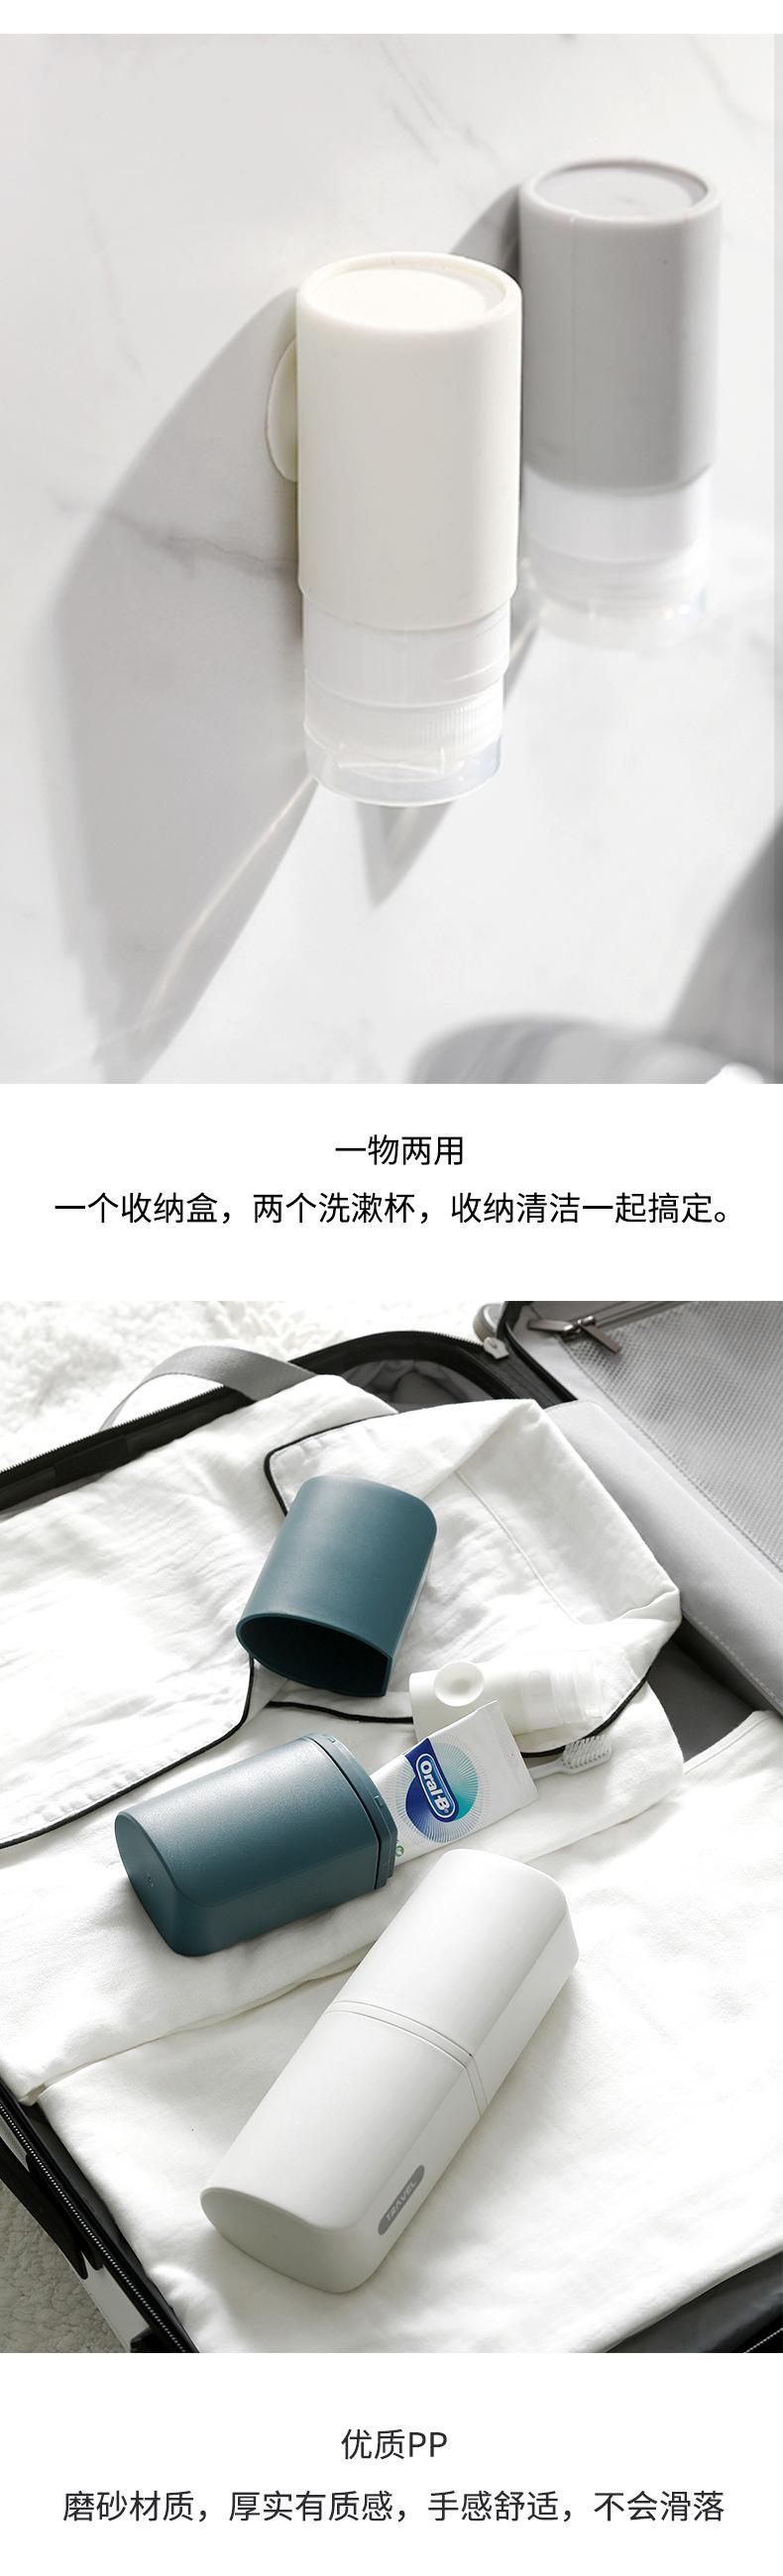 AA012-旅行洗漱杯详情页_06.jpg